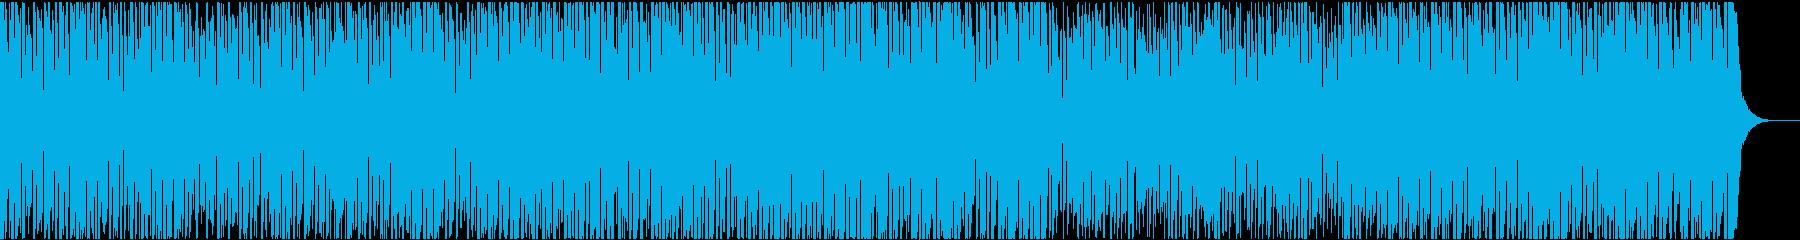 News6 16bit48kHzVerの再生済みの波形